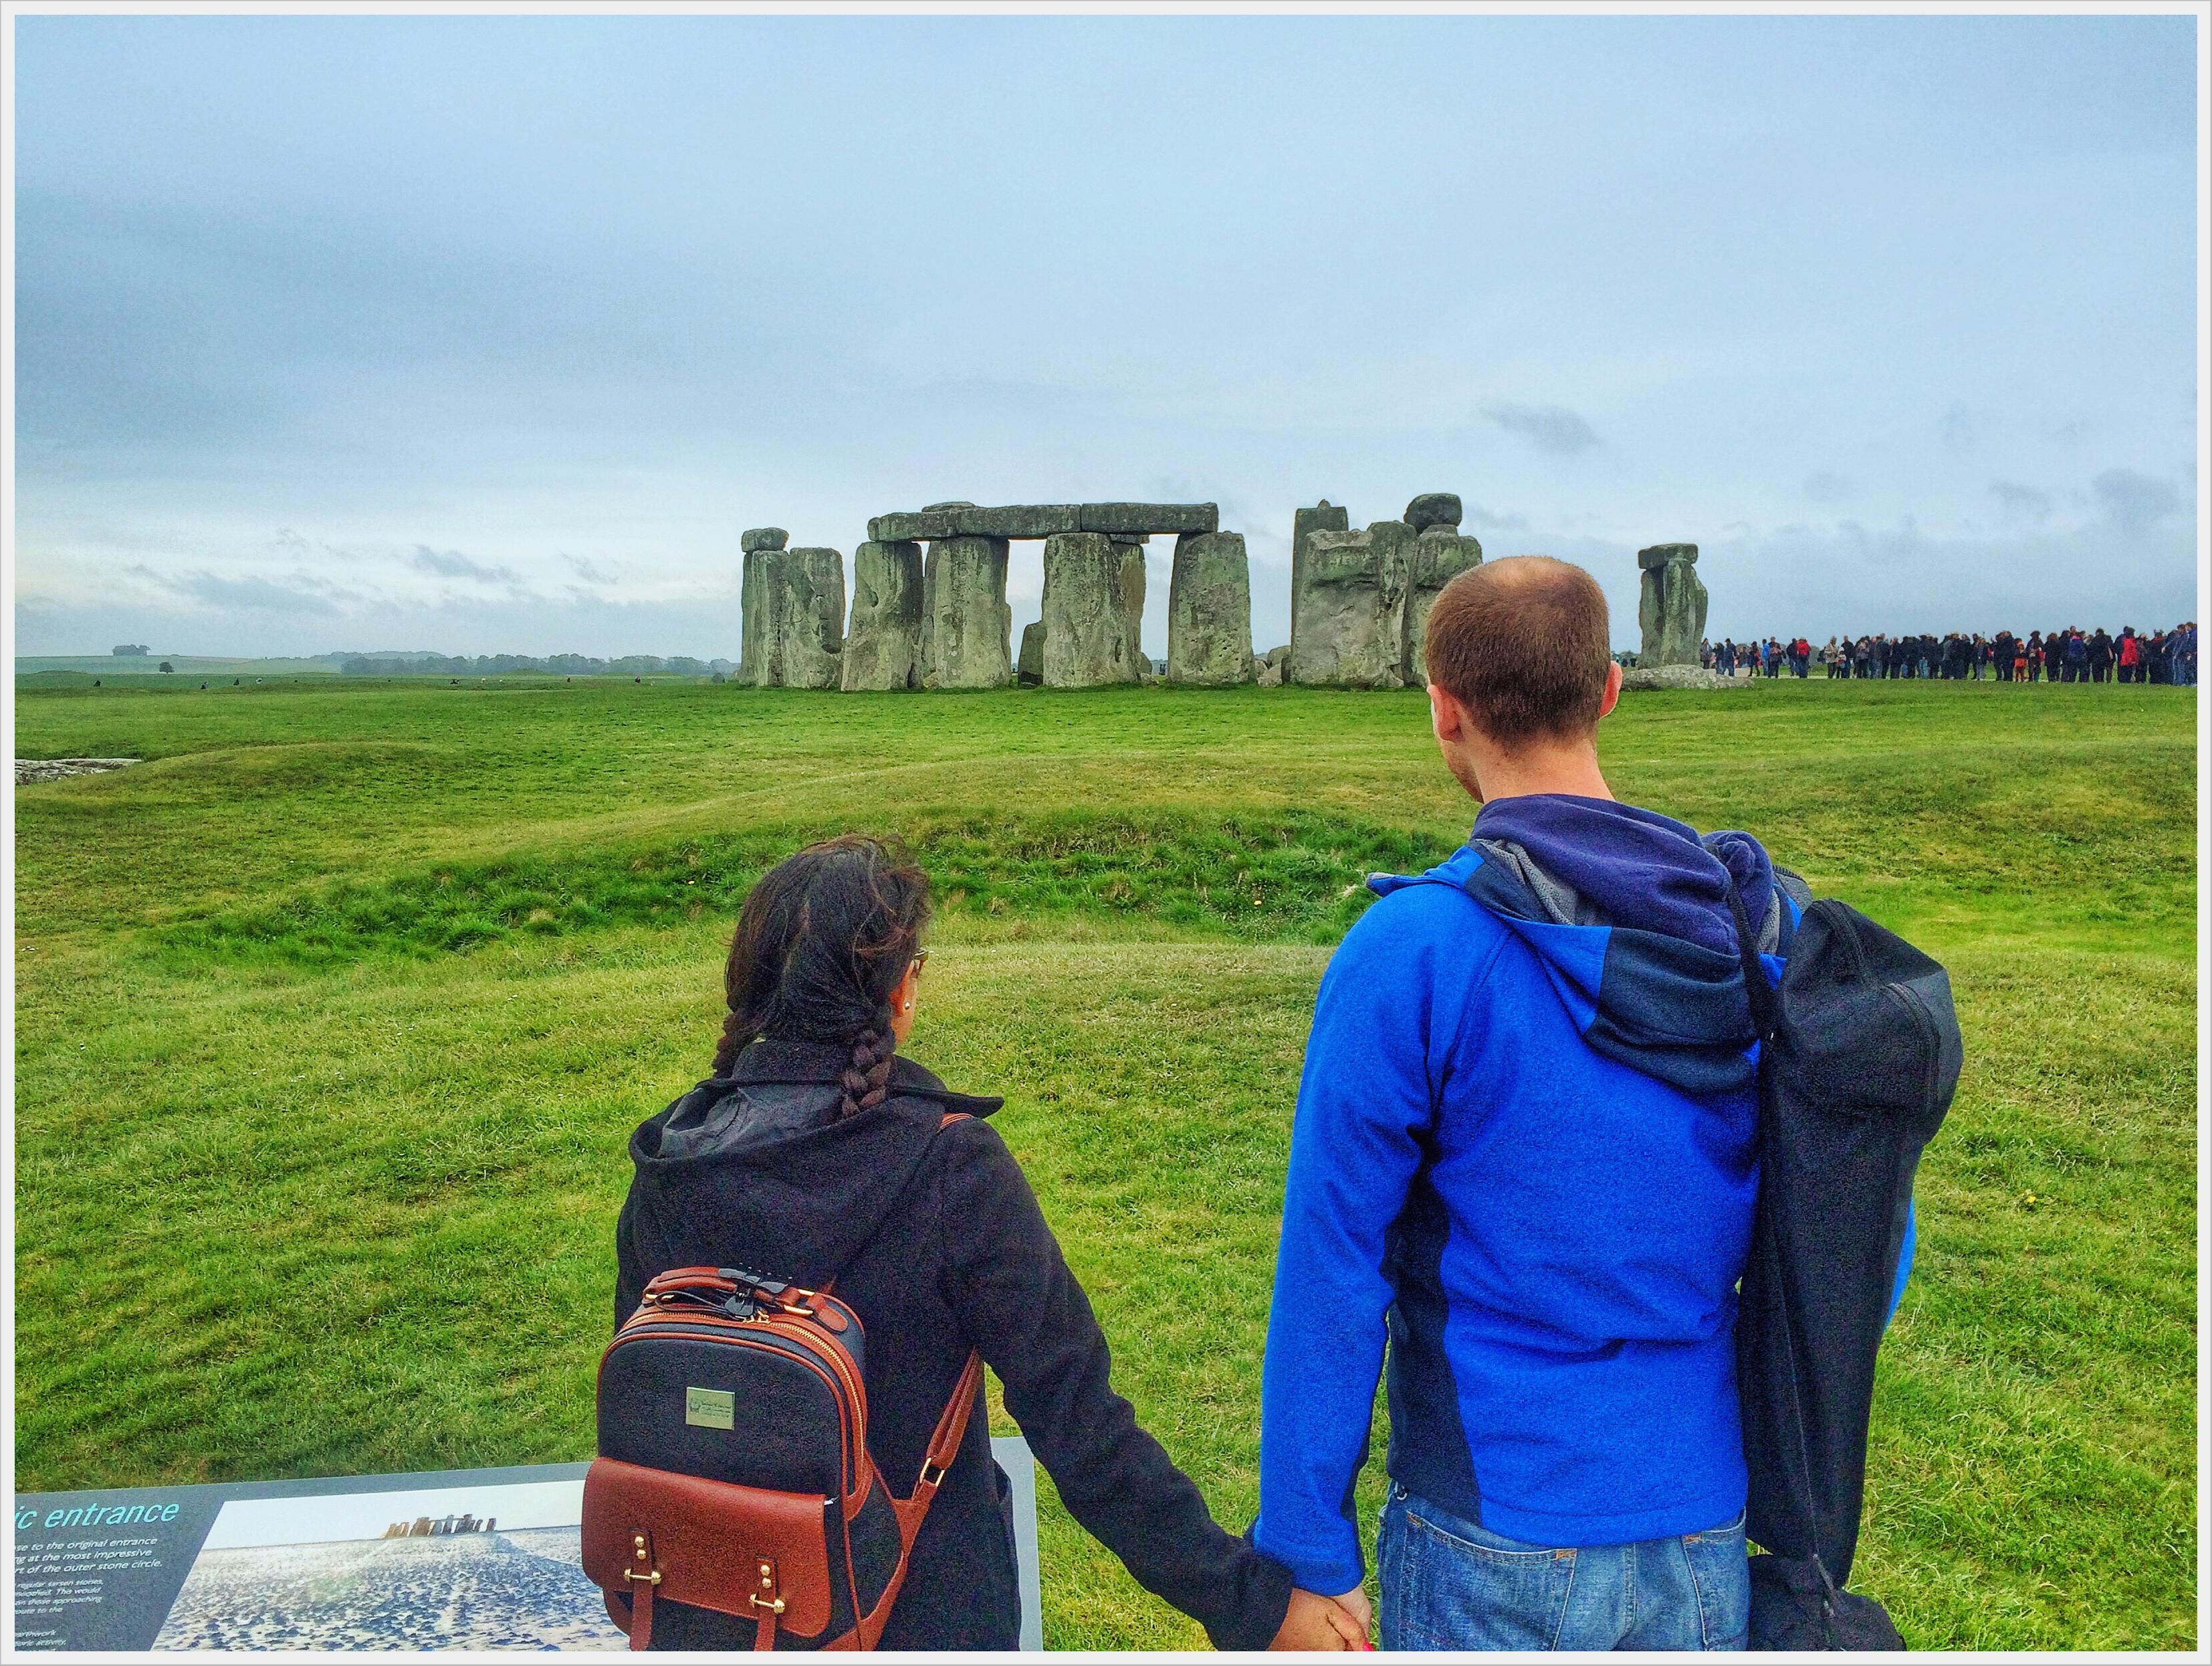 06_2016 - Stonehenge